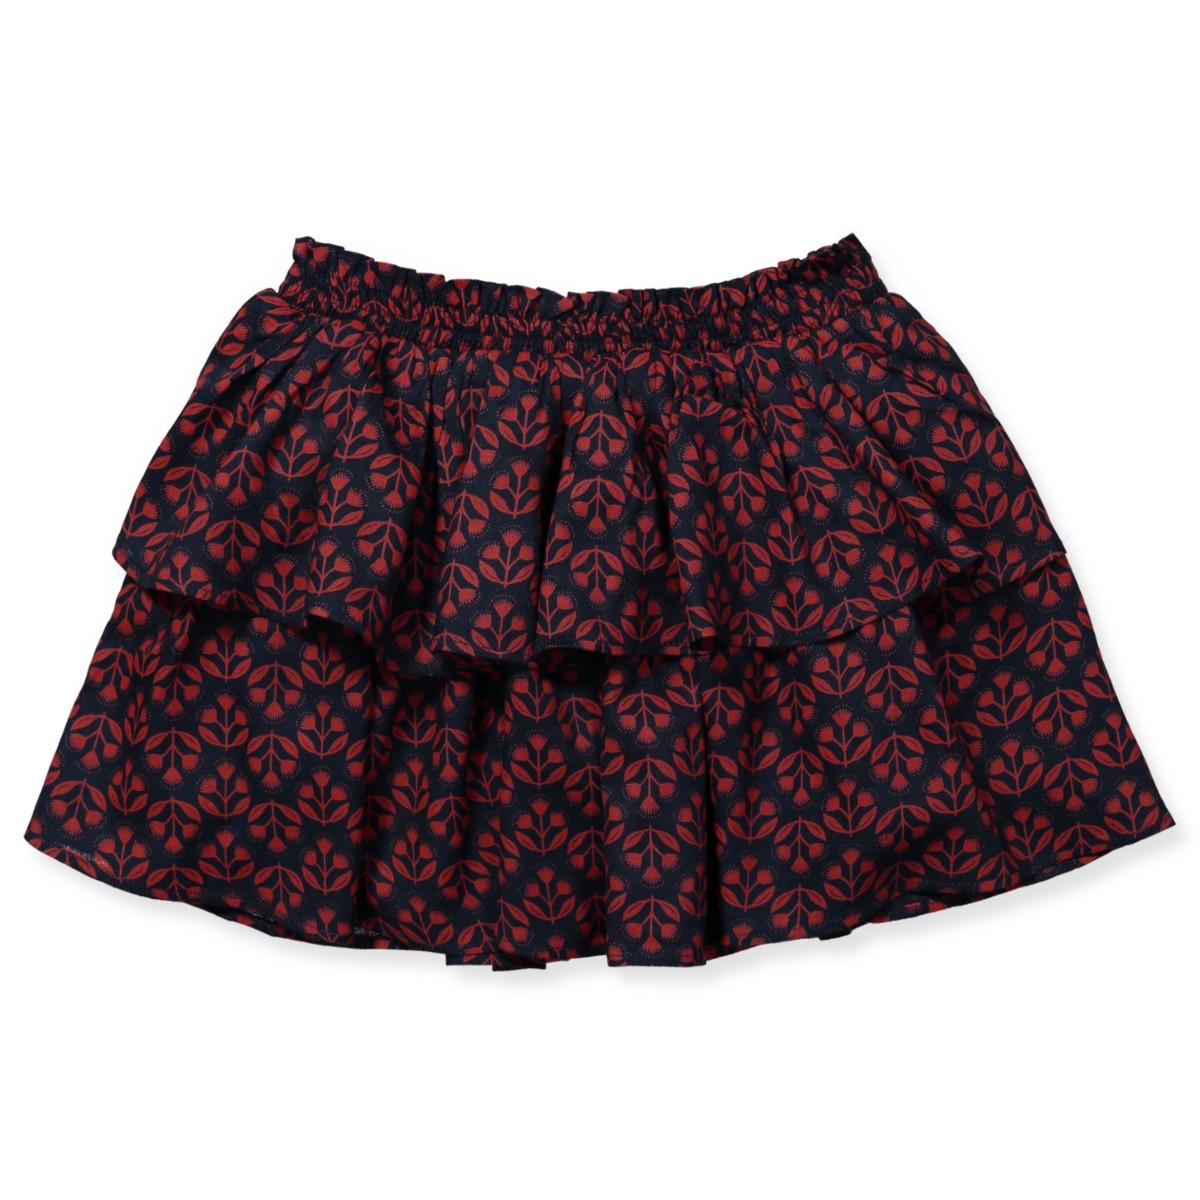 Ine nederdel